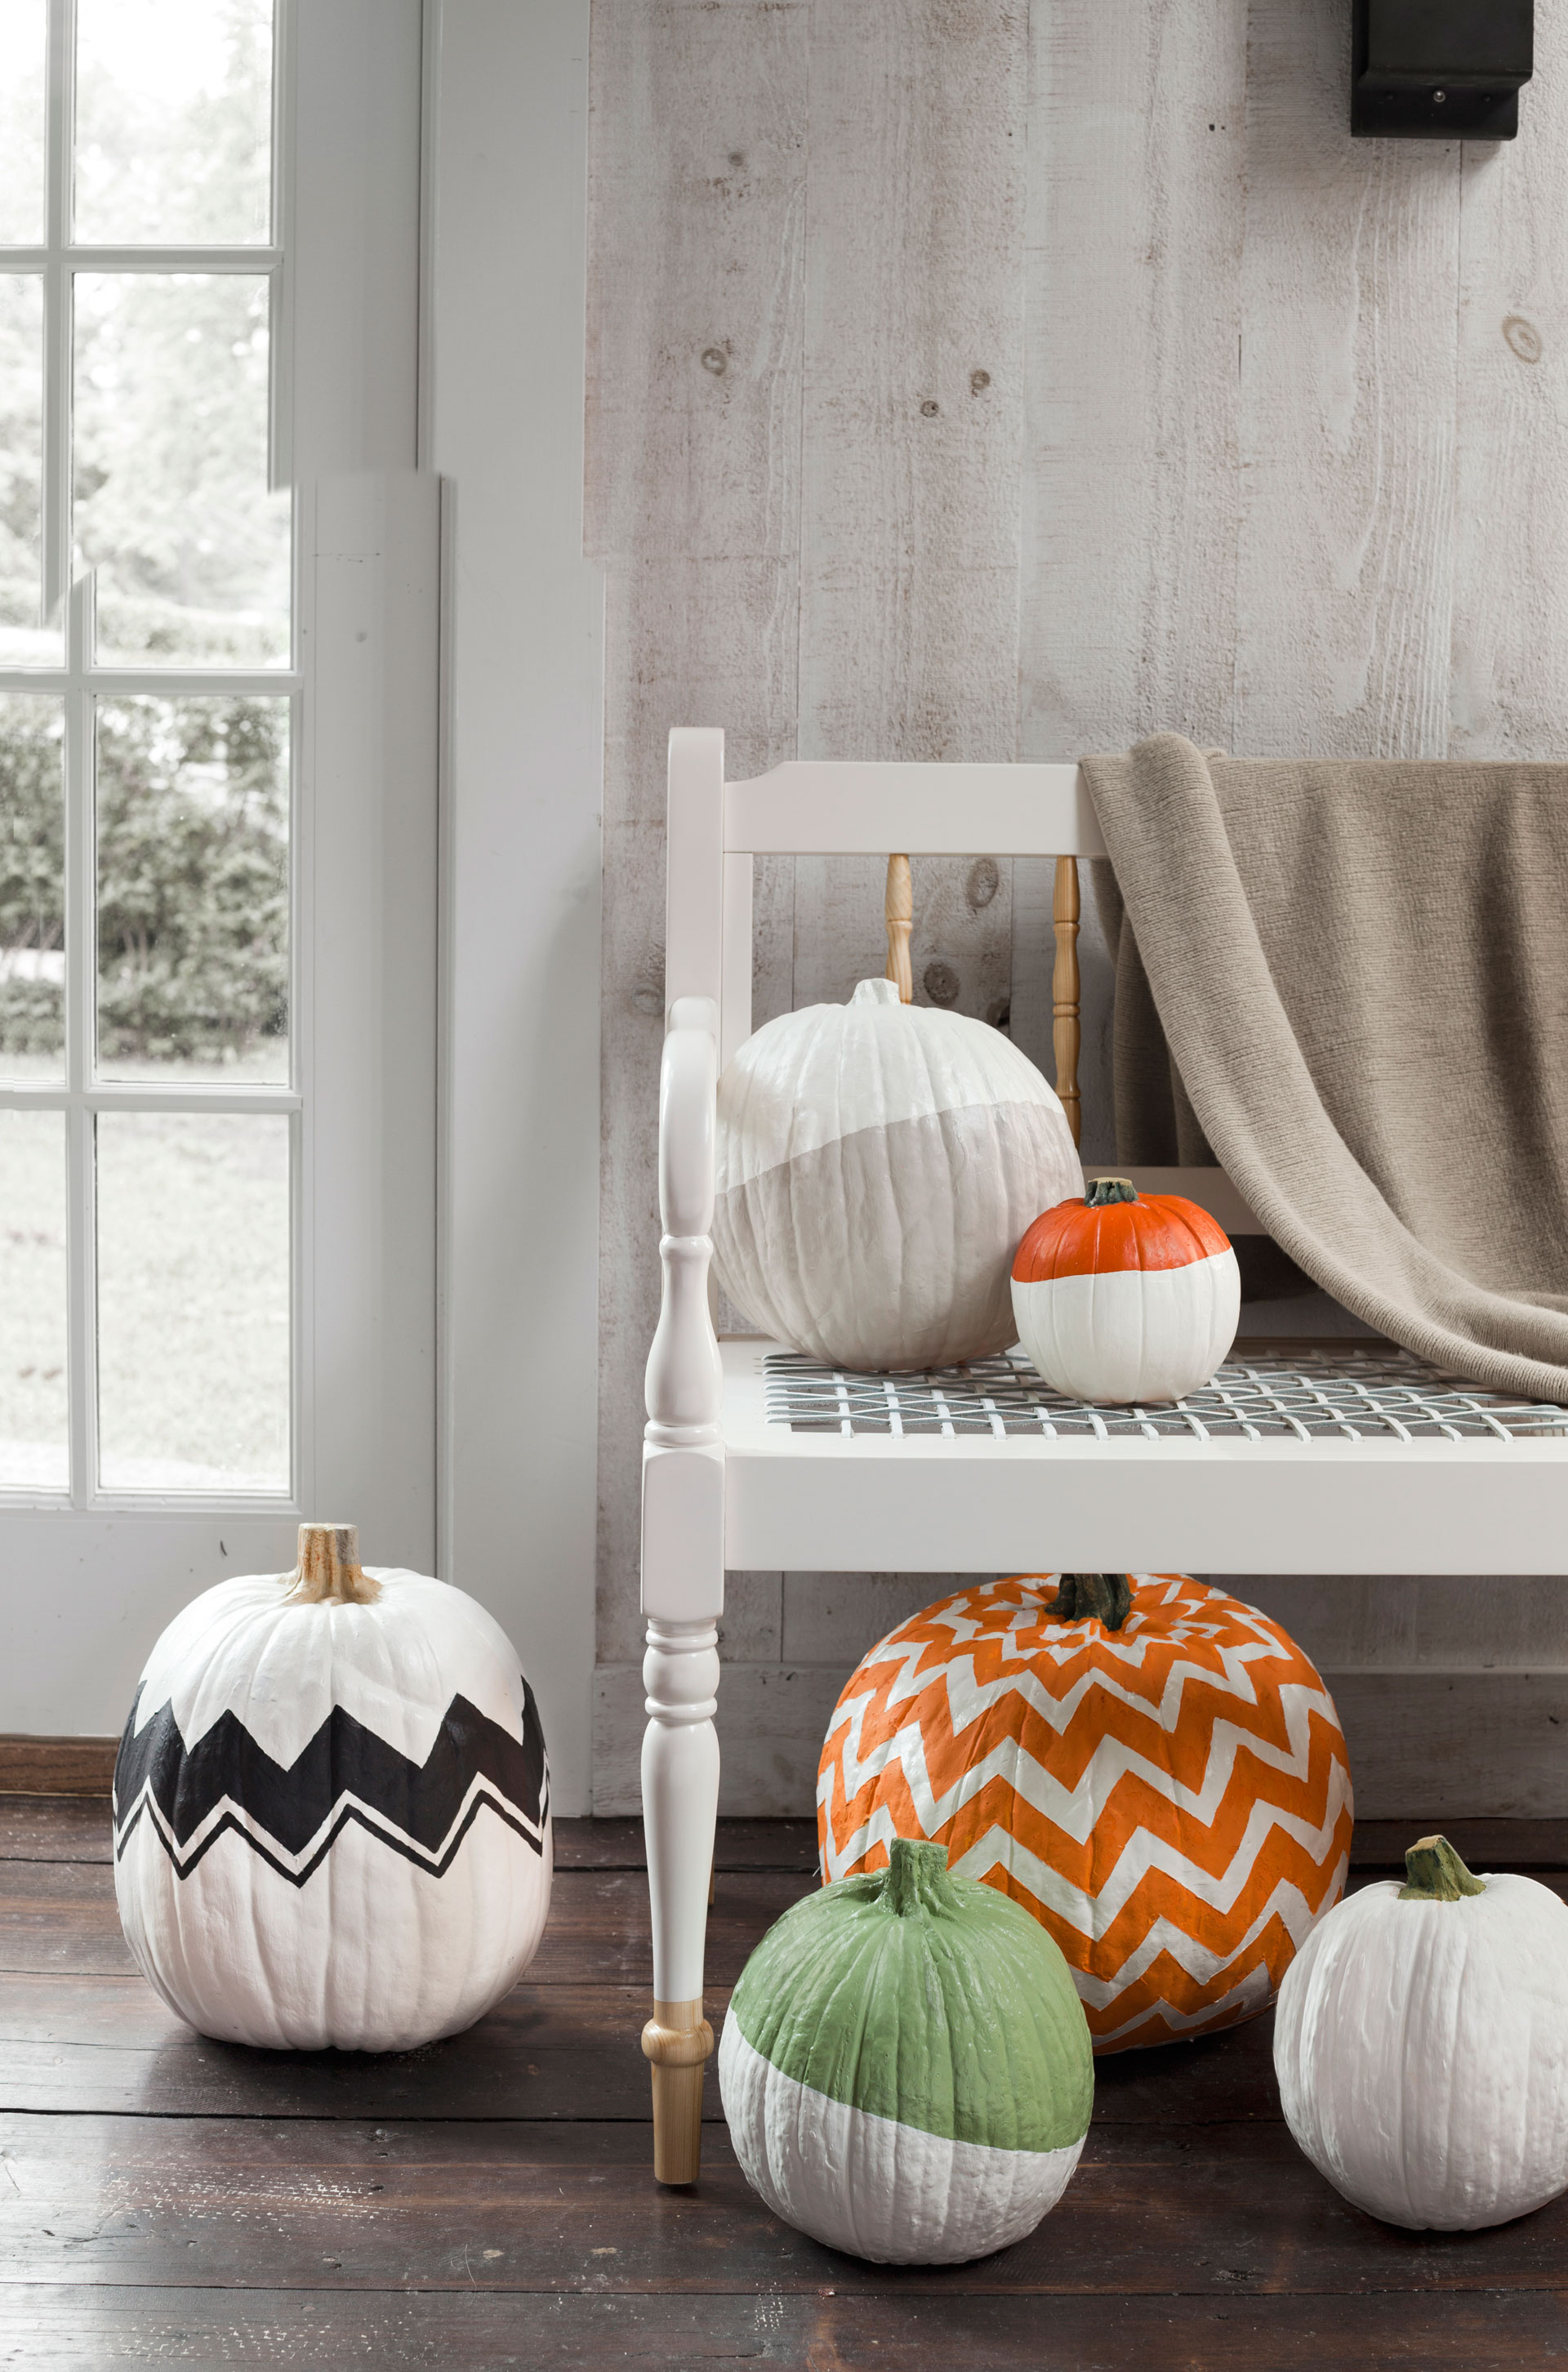 83 Cool Pumpkin Decorating Ideas - Easy Halloween Pumpkin ...